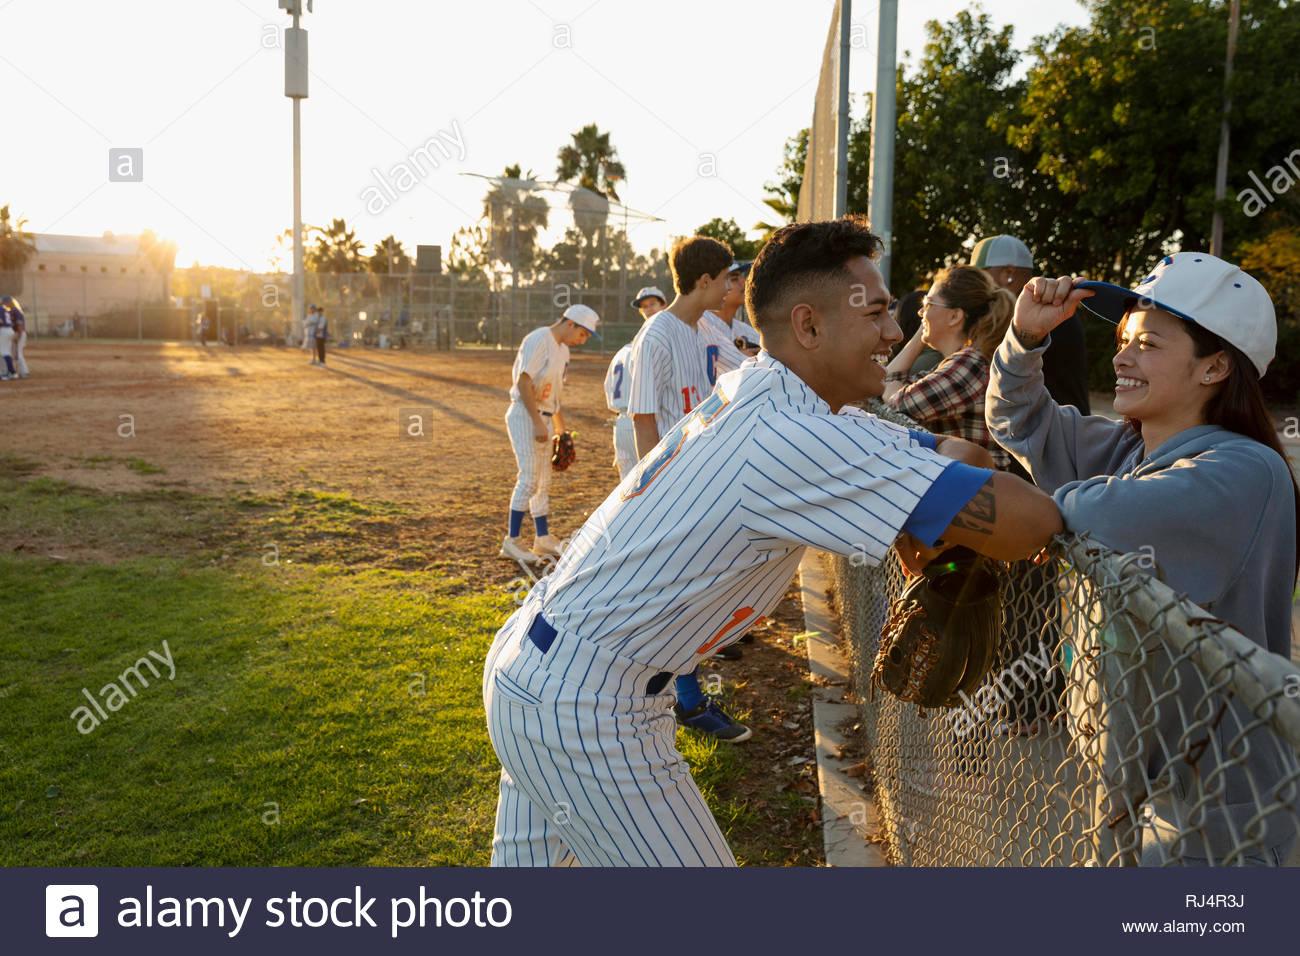 Happy Baseballspieler im Gespräch mit Freundin am Zaun Stockbild